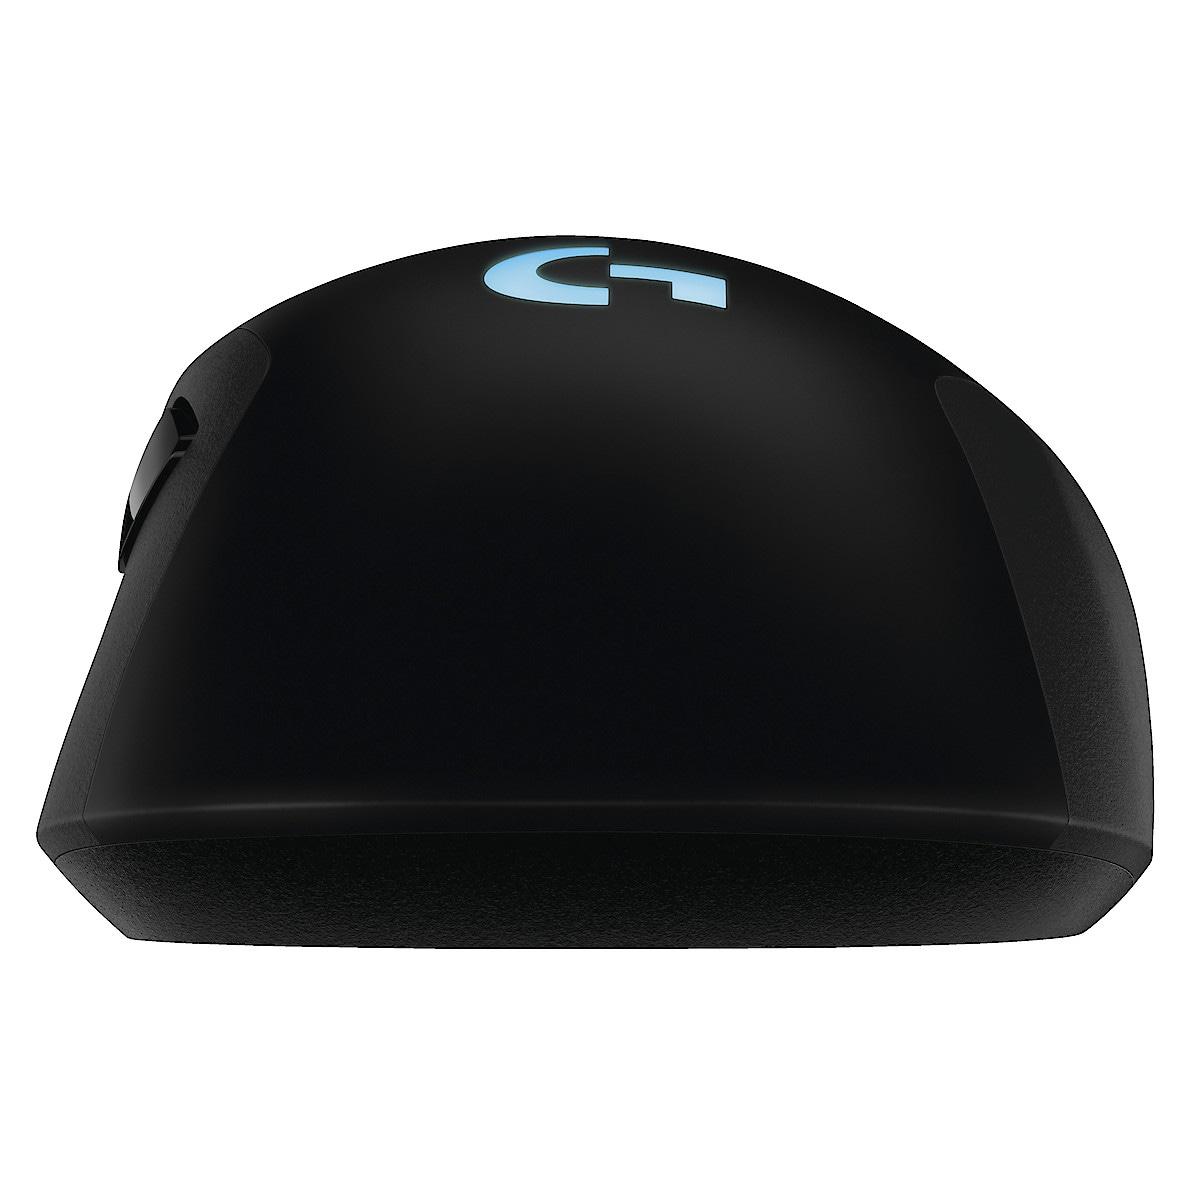 Pelihiiri Logitech G403 Prodigy Wireless